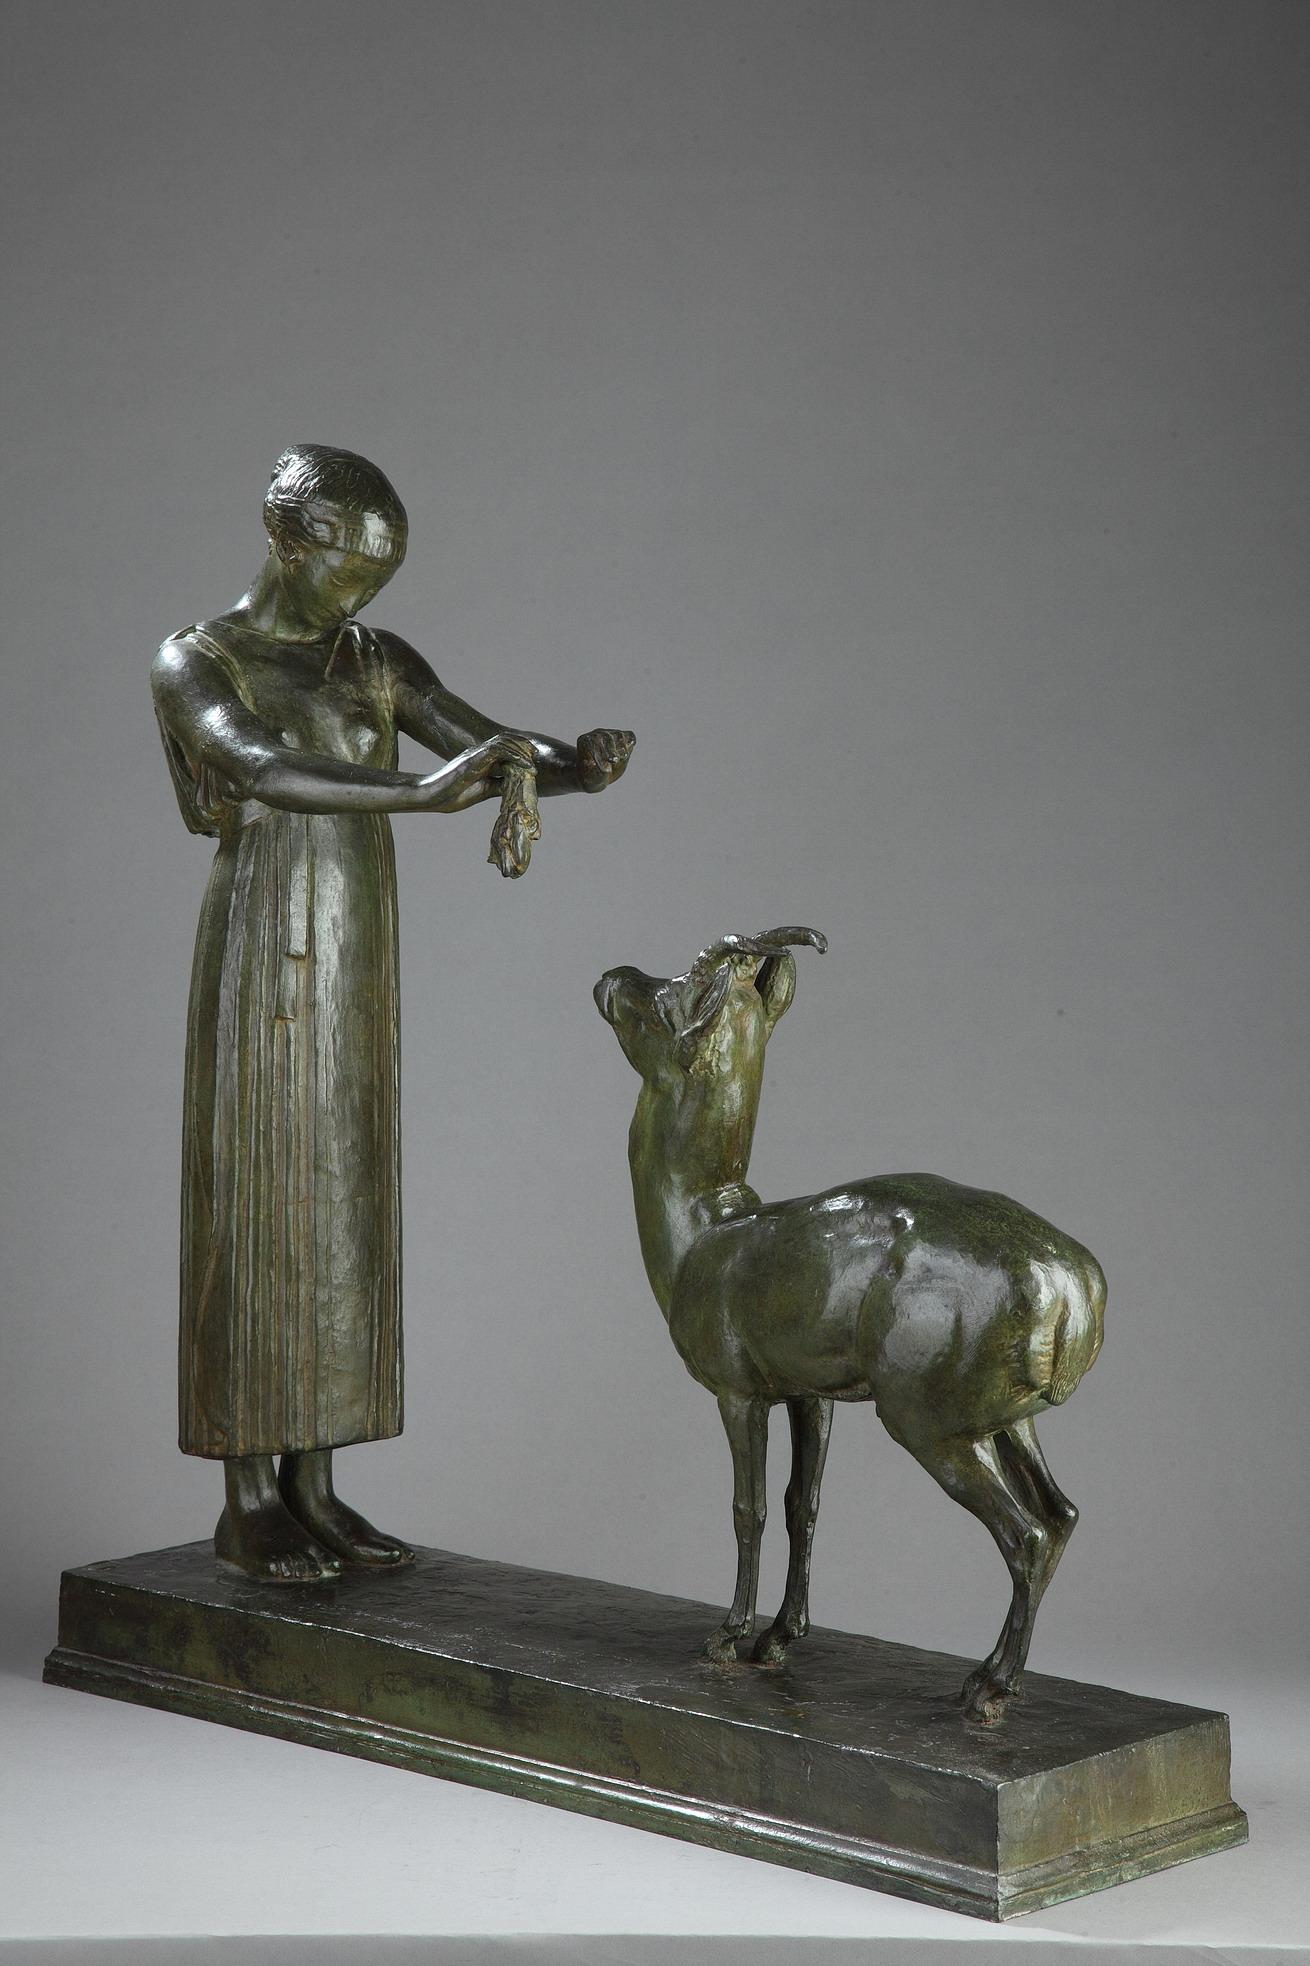 """Henri Bouchard (1875-1960), """"Femme et Gazelle"""" ou """"Fontaine de Bagatelle"""", bronze à patine vert nuancé, fonte Bisceglia, haut. 63 cm, sculptures - galerie Tourbillon, Paris"""